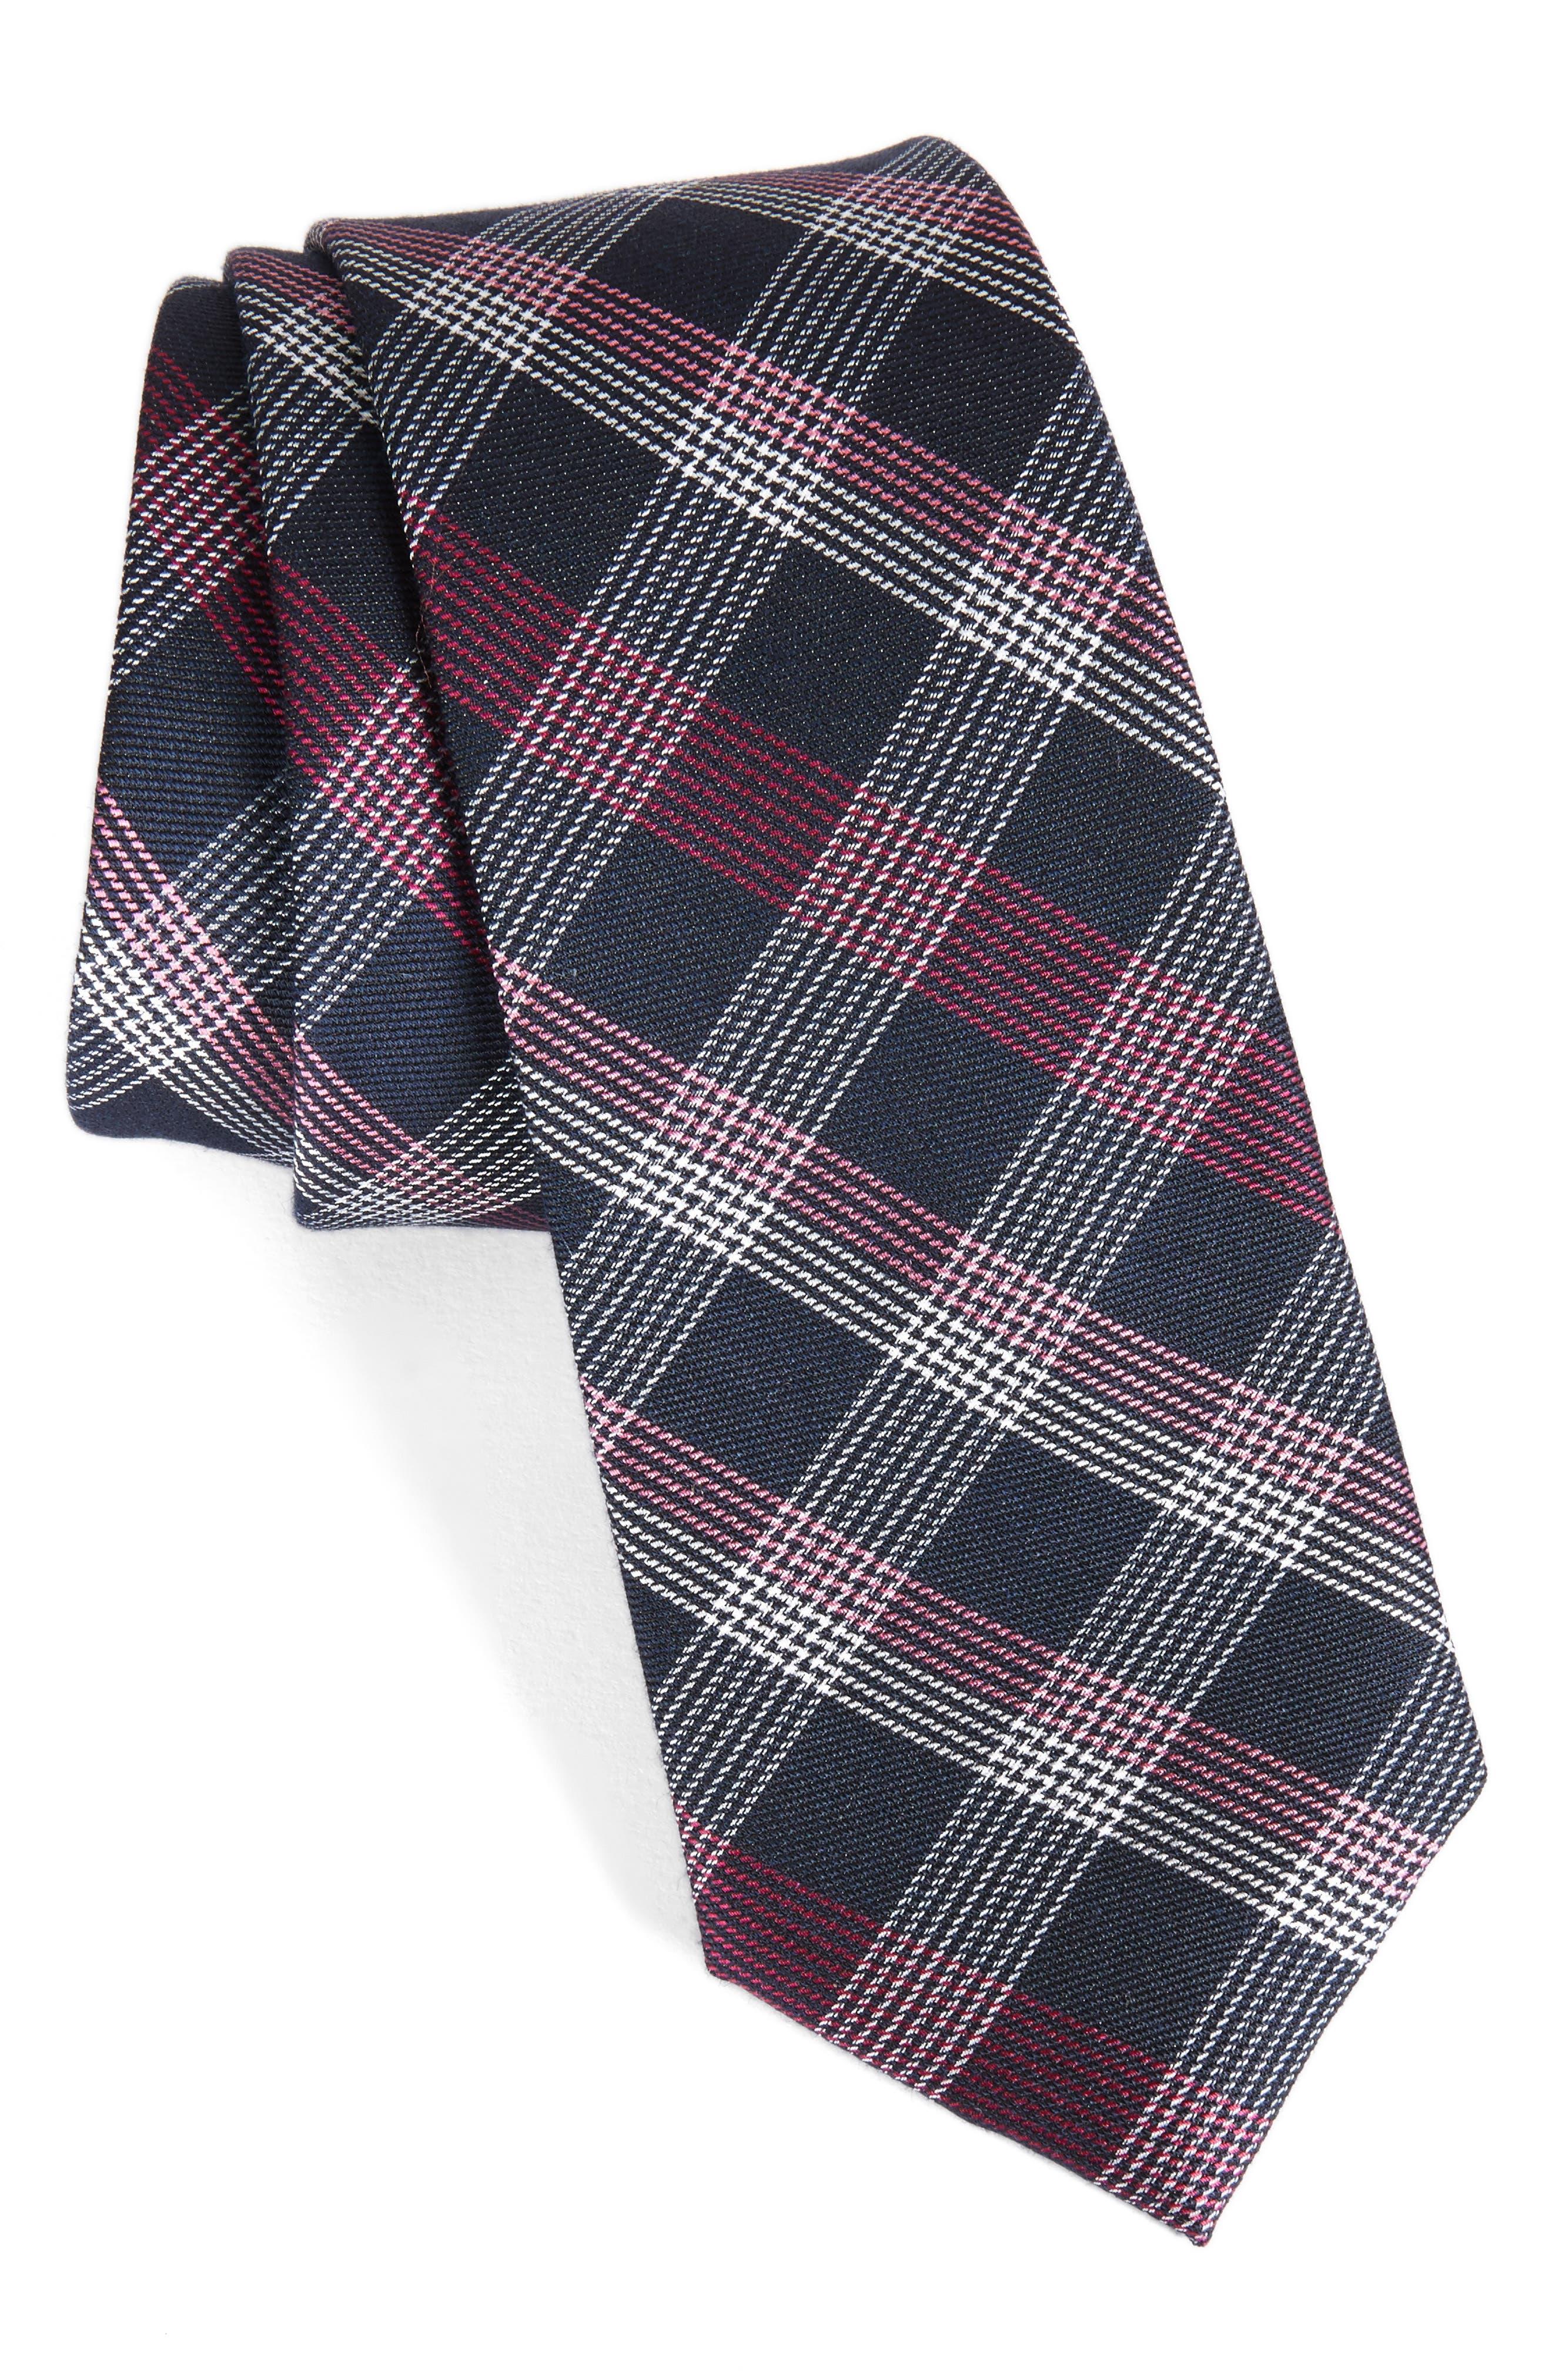 Calibrate Indigo Plaid Silk Tie